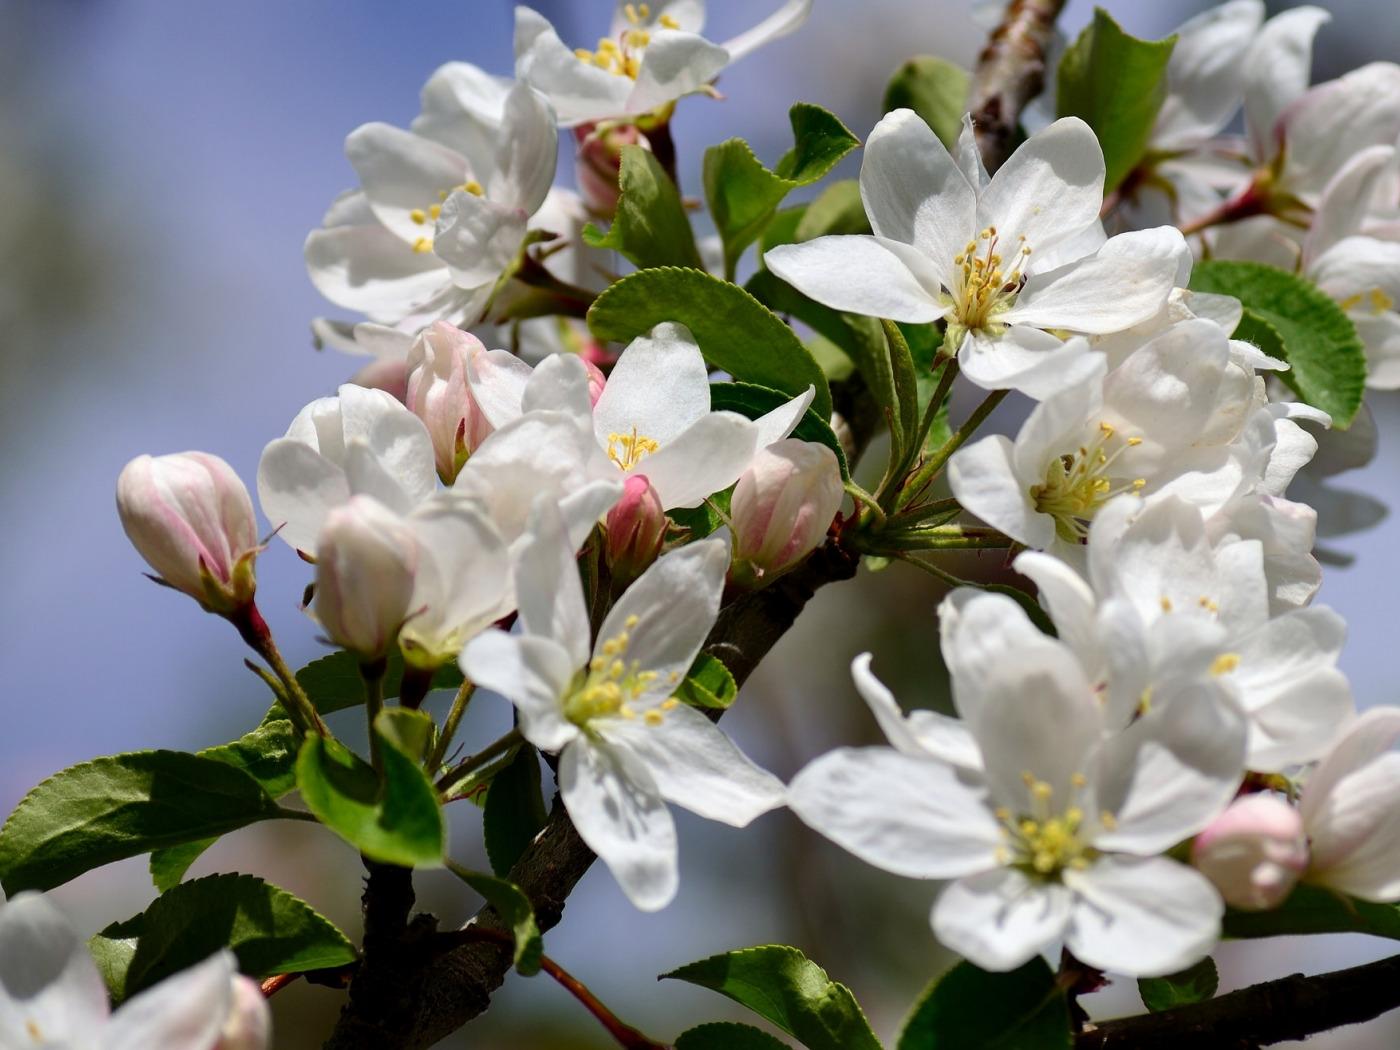 Картинках, картинки цветы яблони большое разрешение